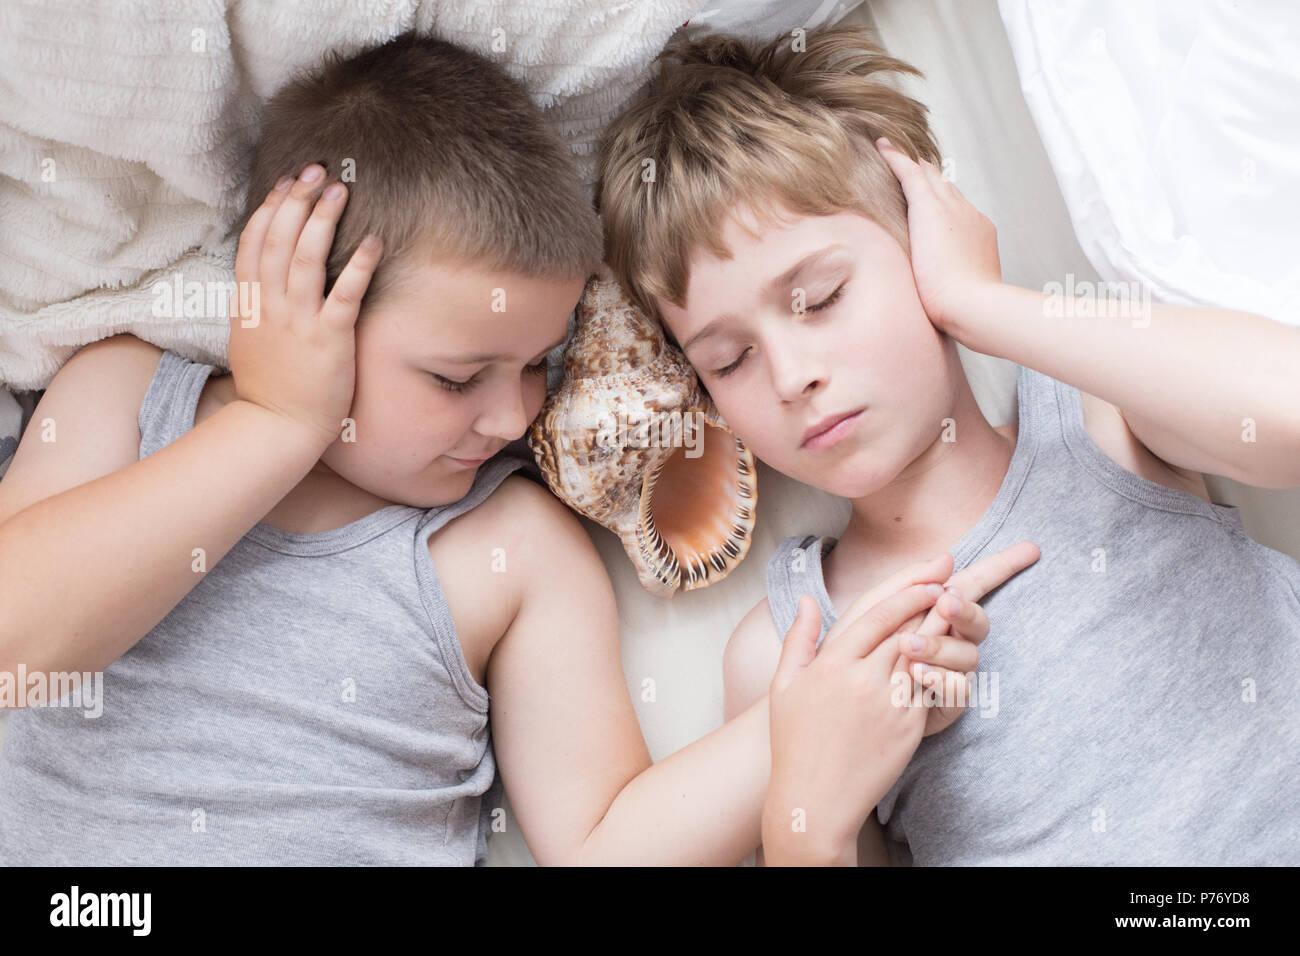 Frères - la grasse matinée au lit, de la literie. Et vous reposer, vous détendre, Lazy Sunday Photo Stock